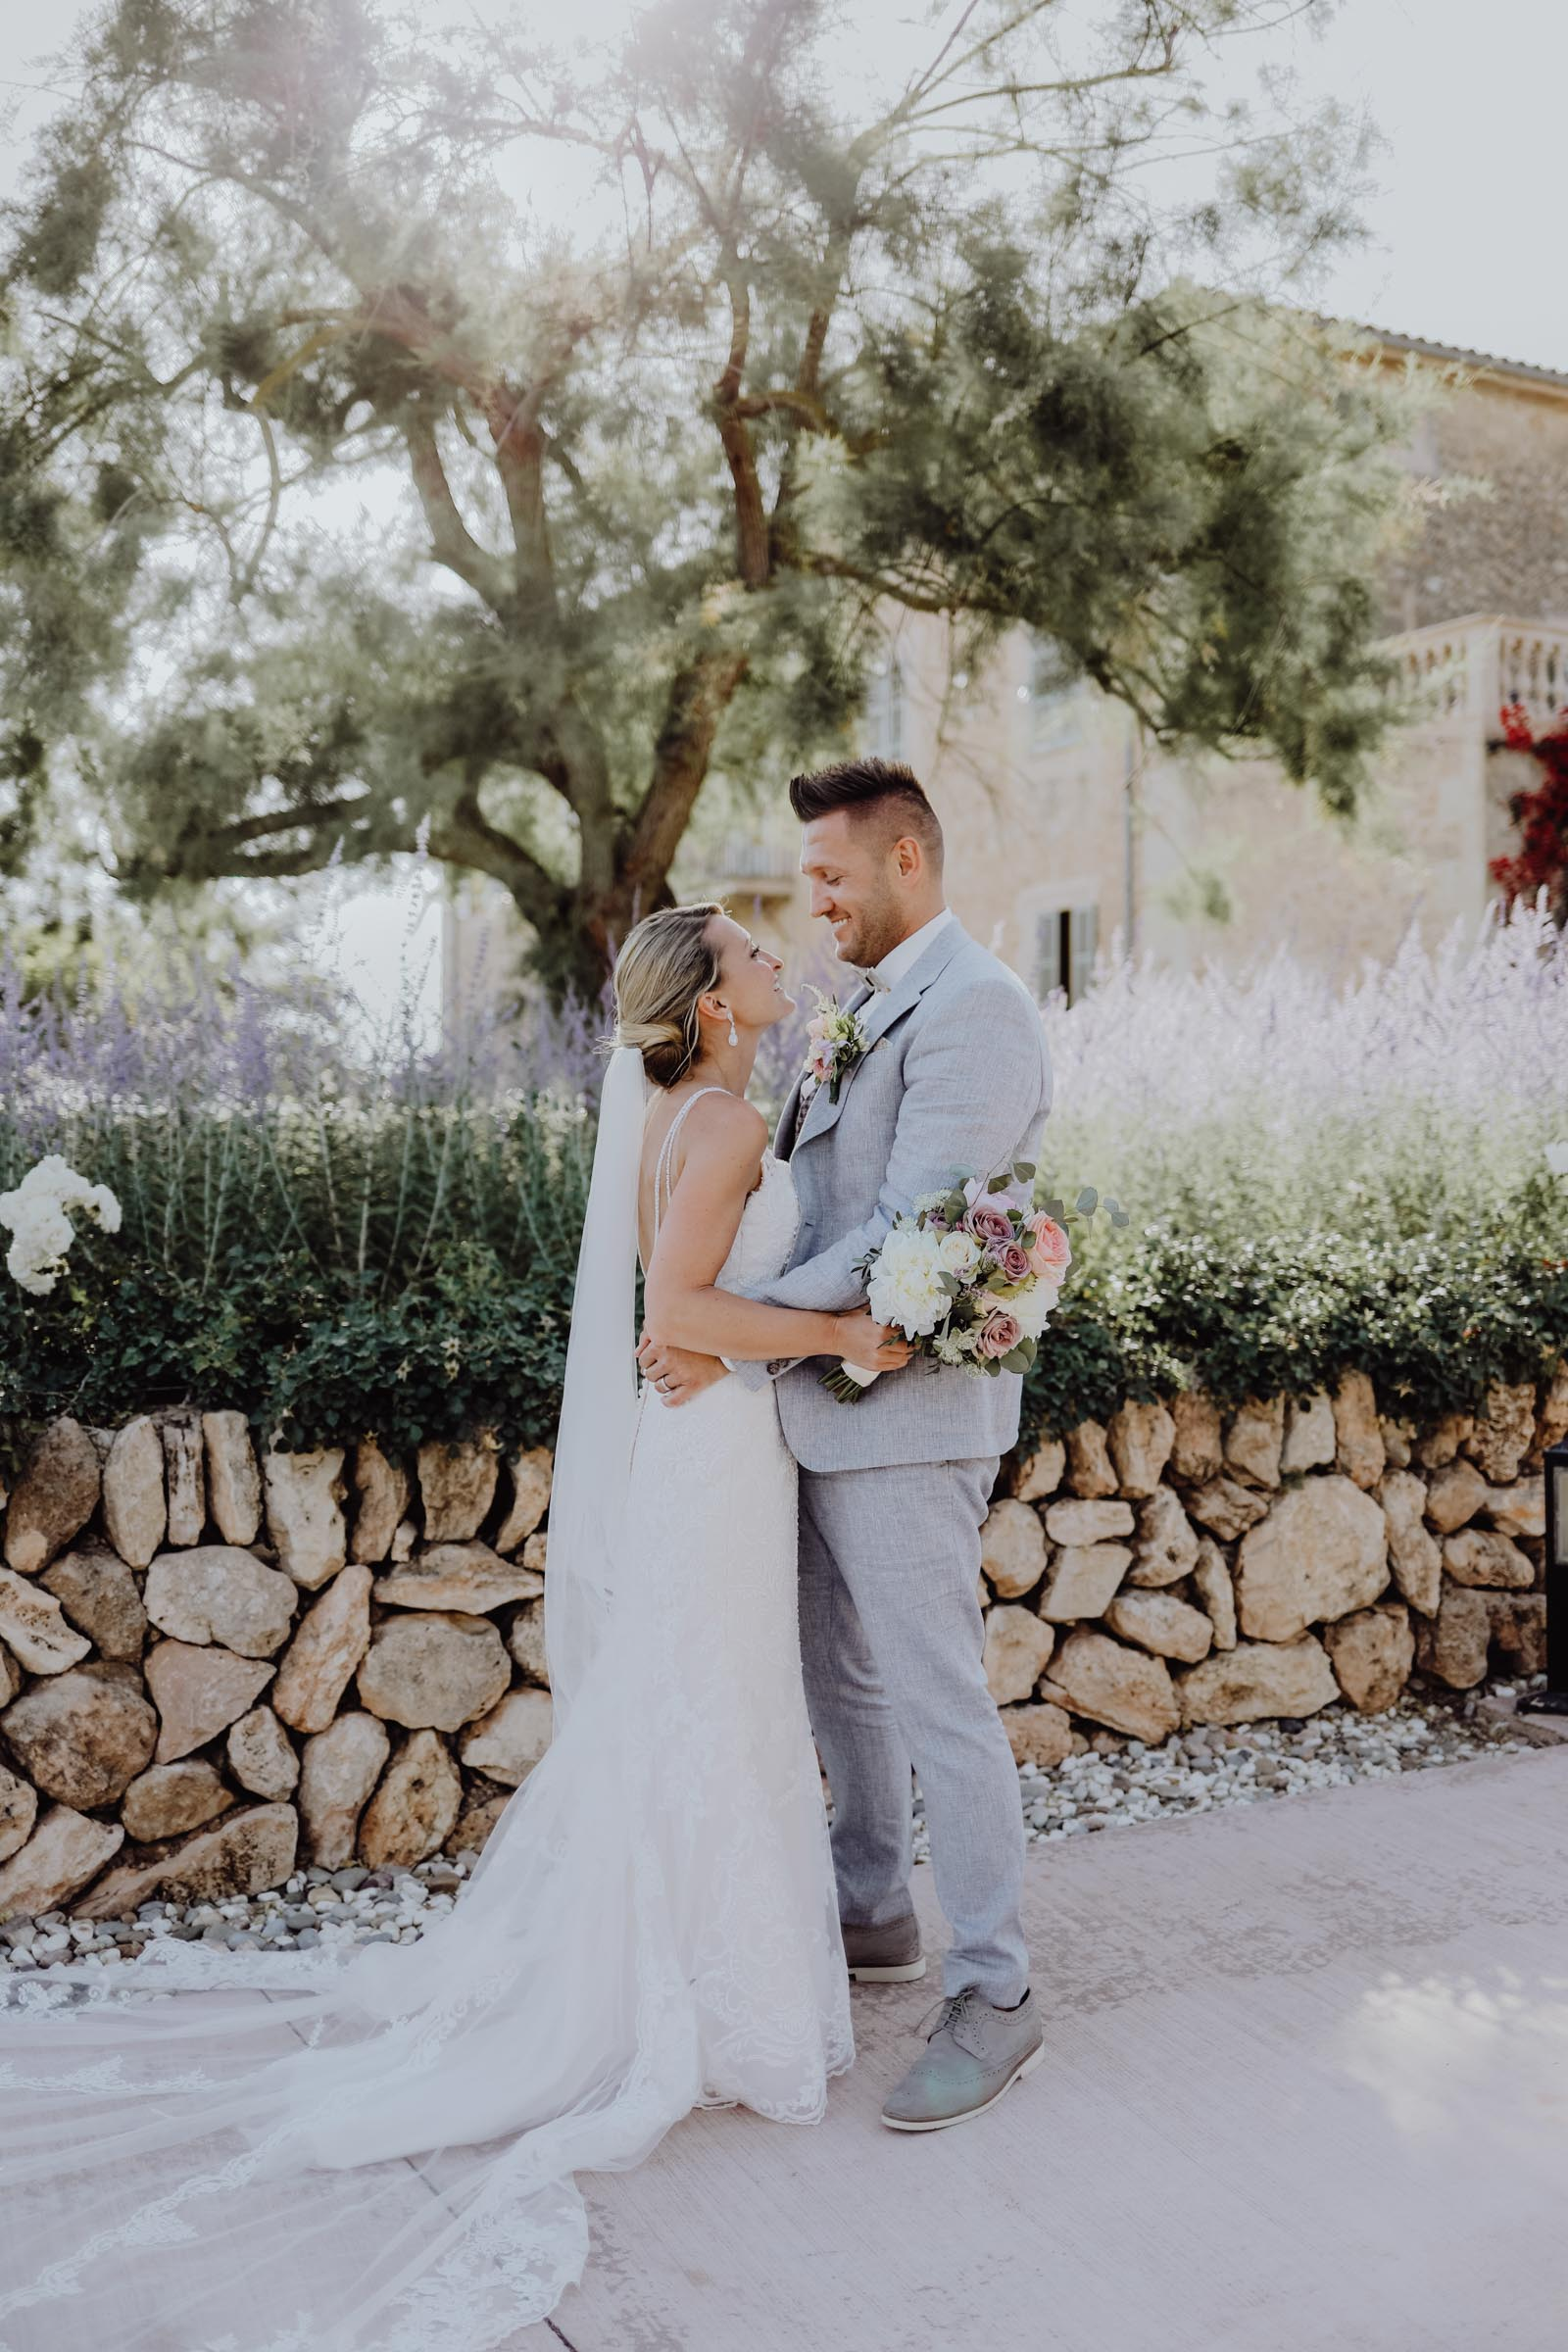 Brautpaar steht vor einer Mauer und einem Baum